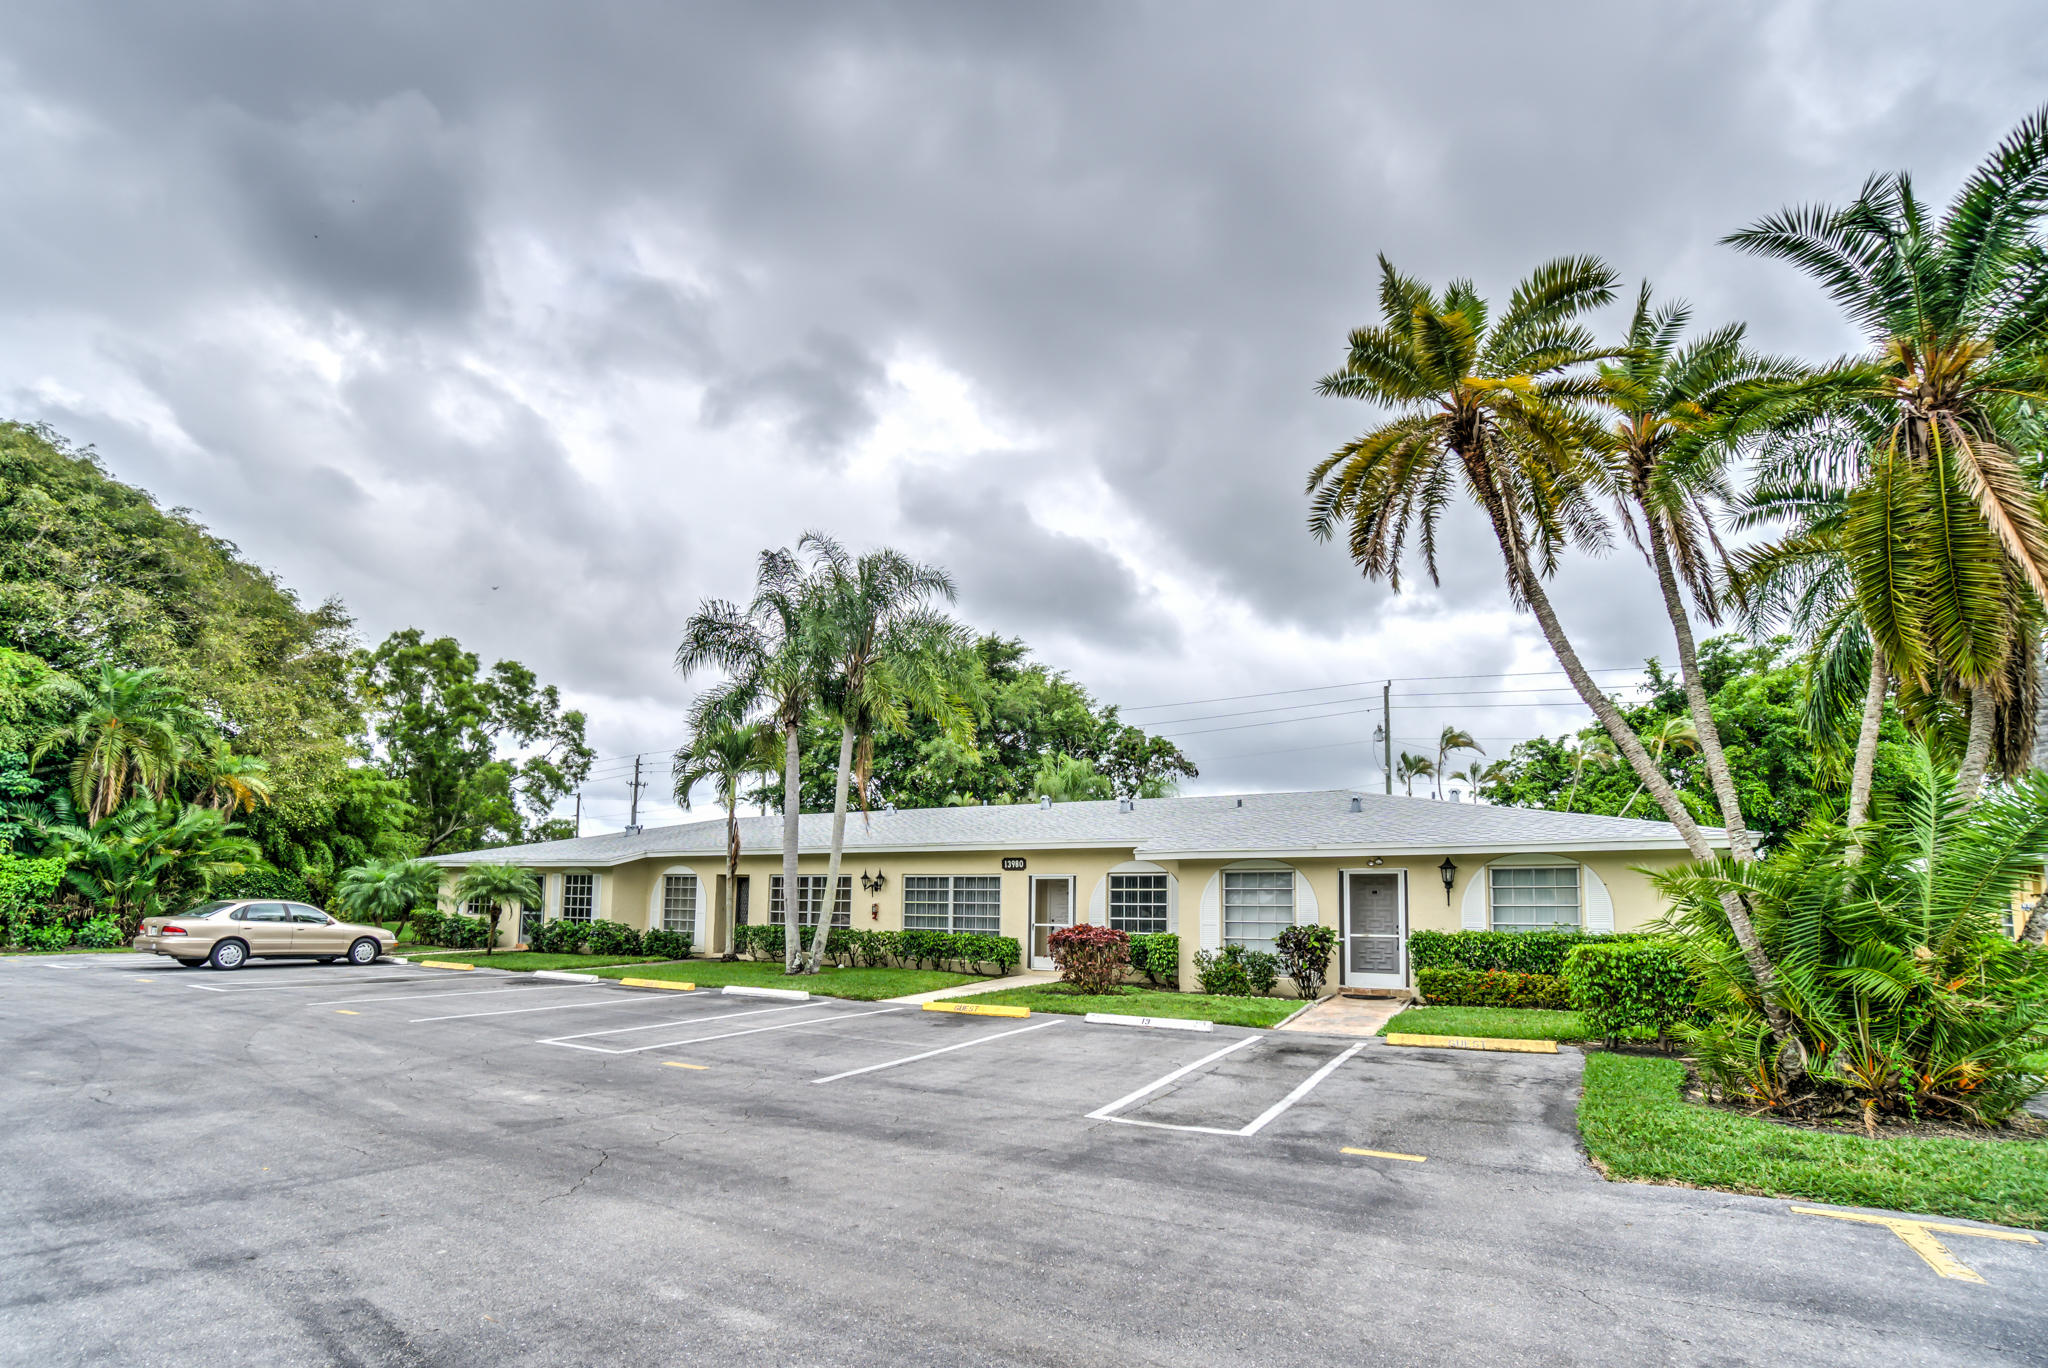 13980 Via Flora A  Delray Beach, FL 33484